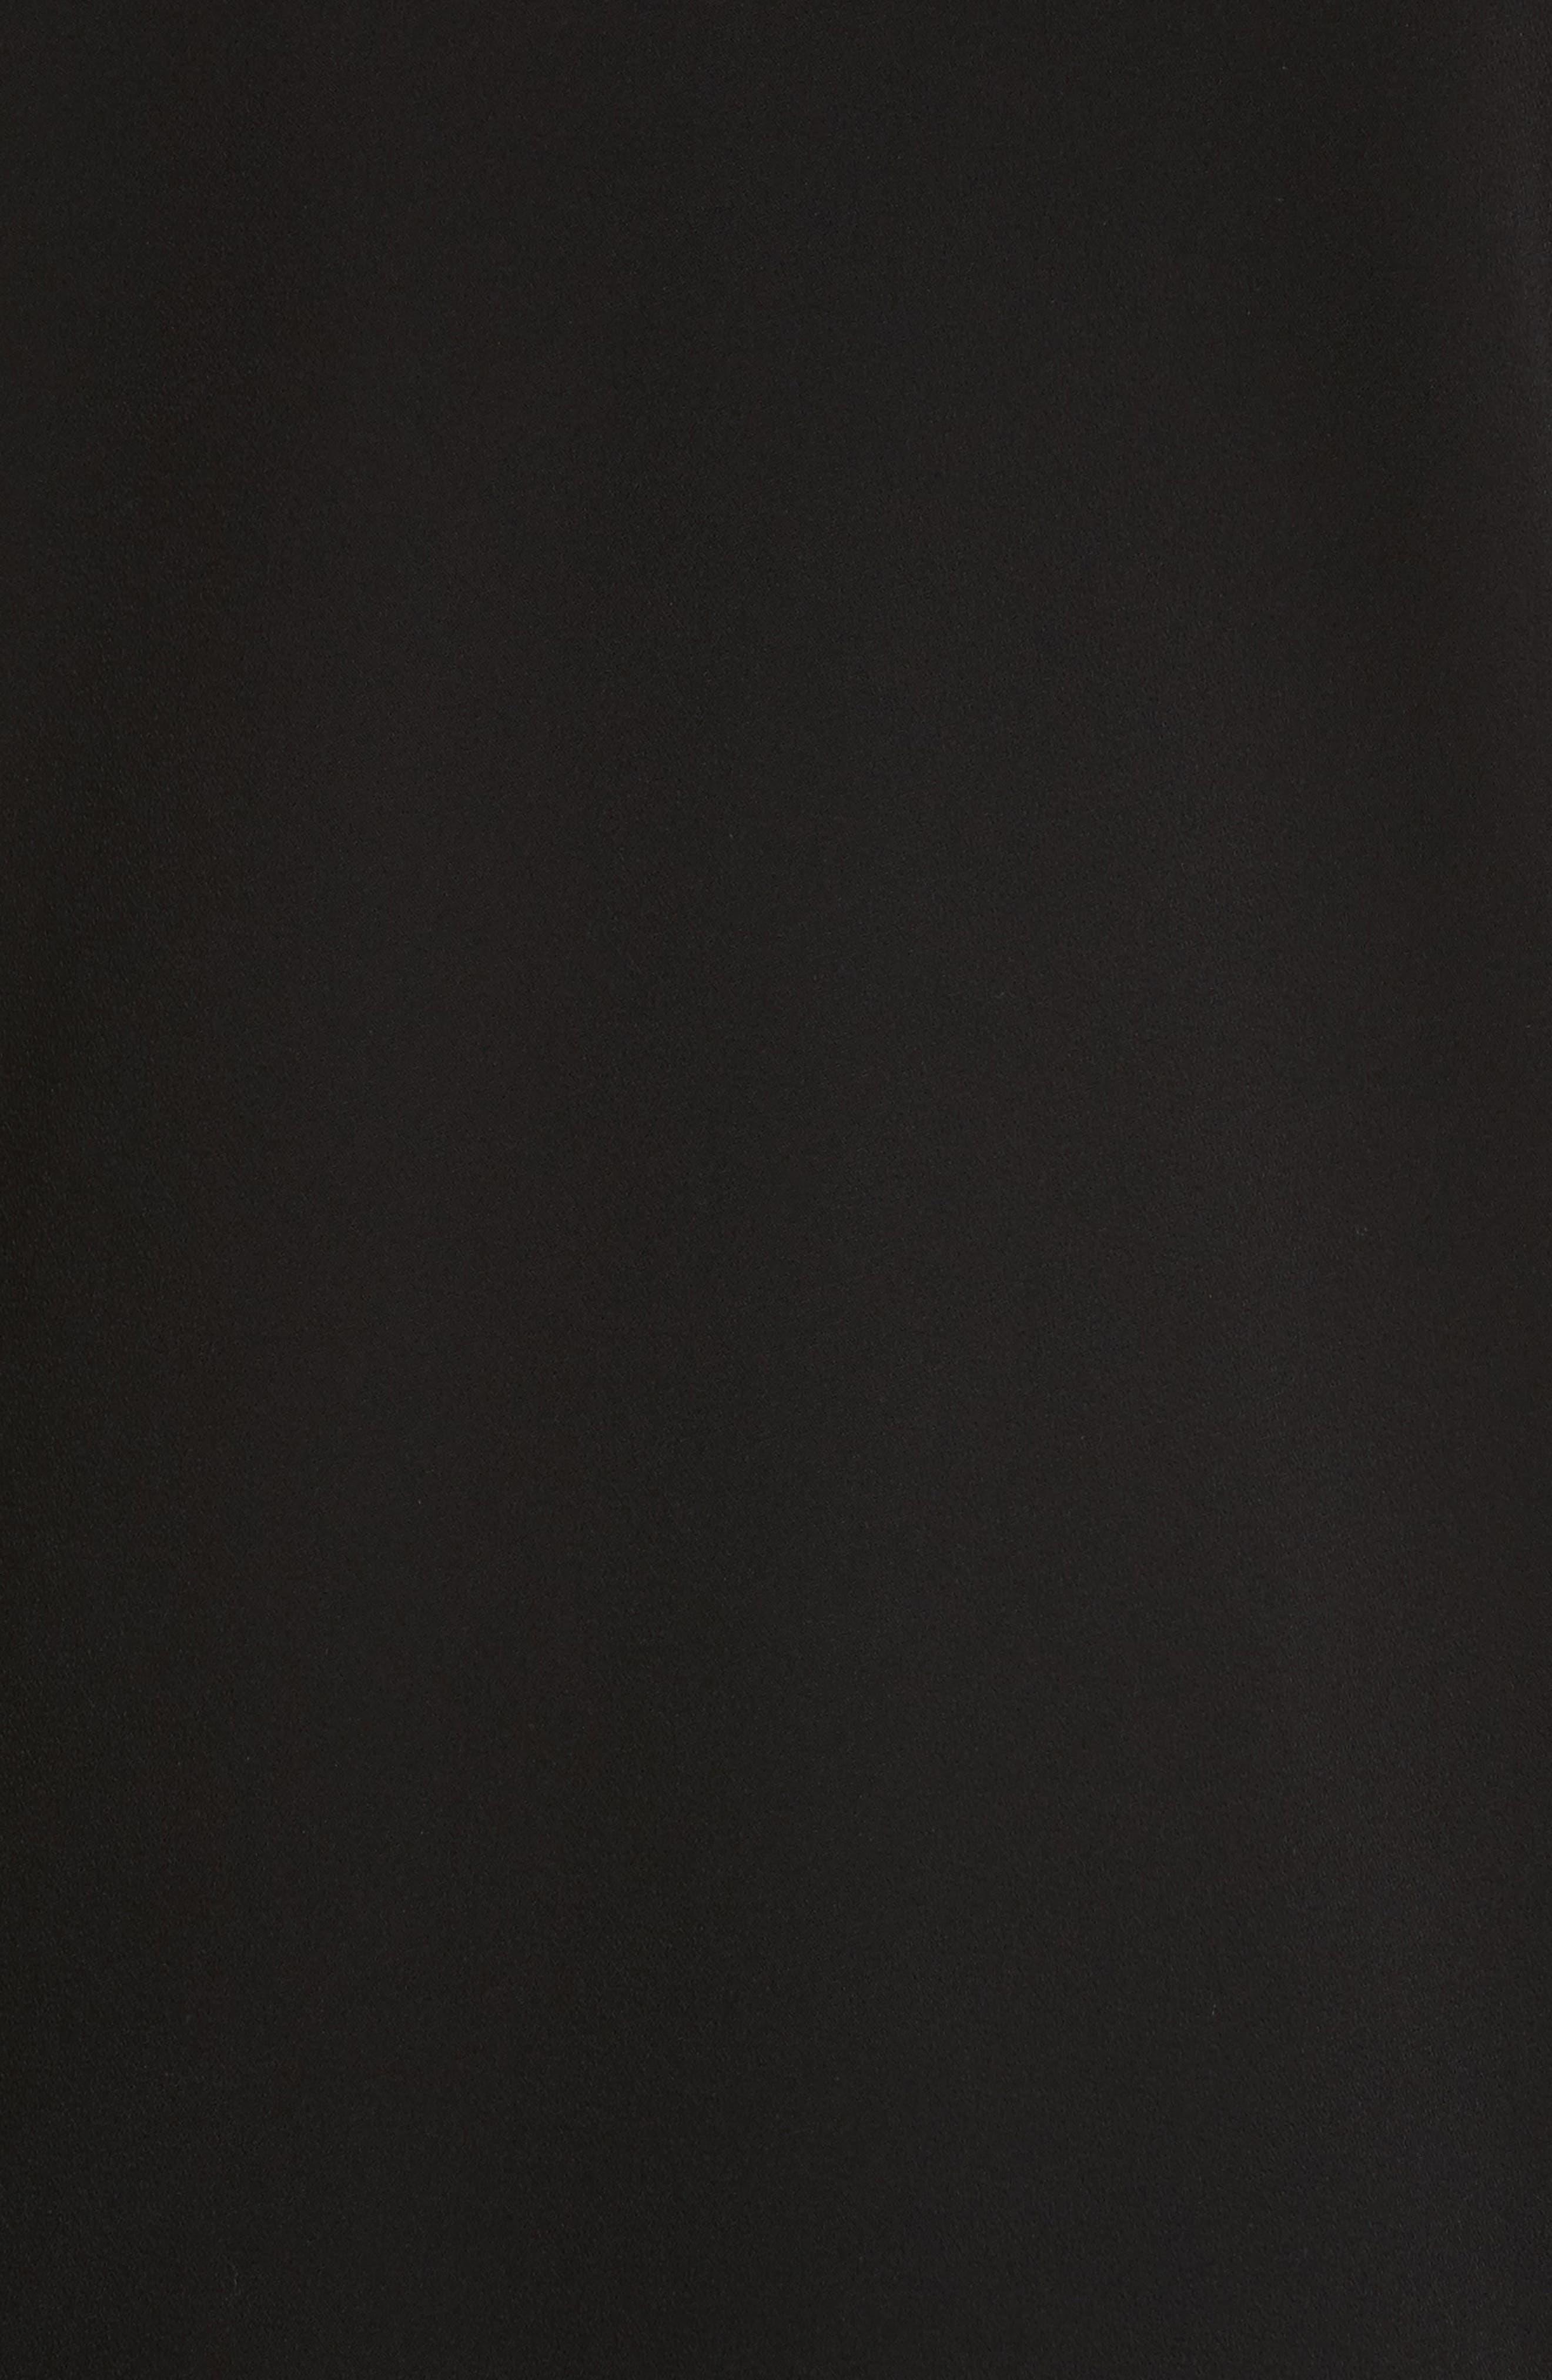 Kalitta Finesse Crepe Dress,                             Alternate thumbnail 6, color,                             Black